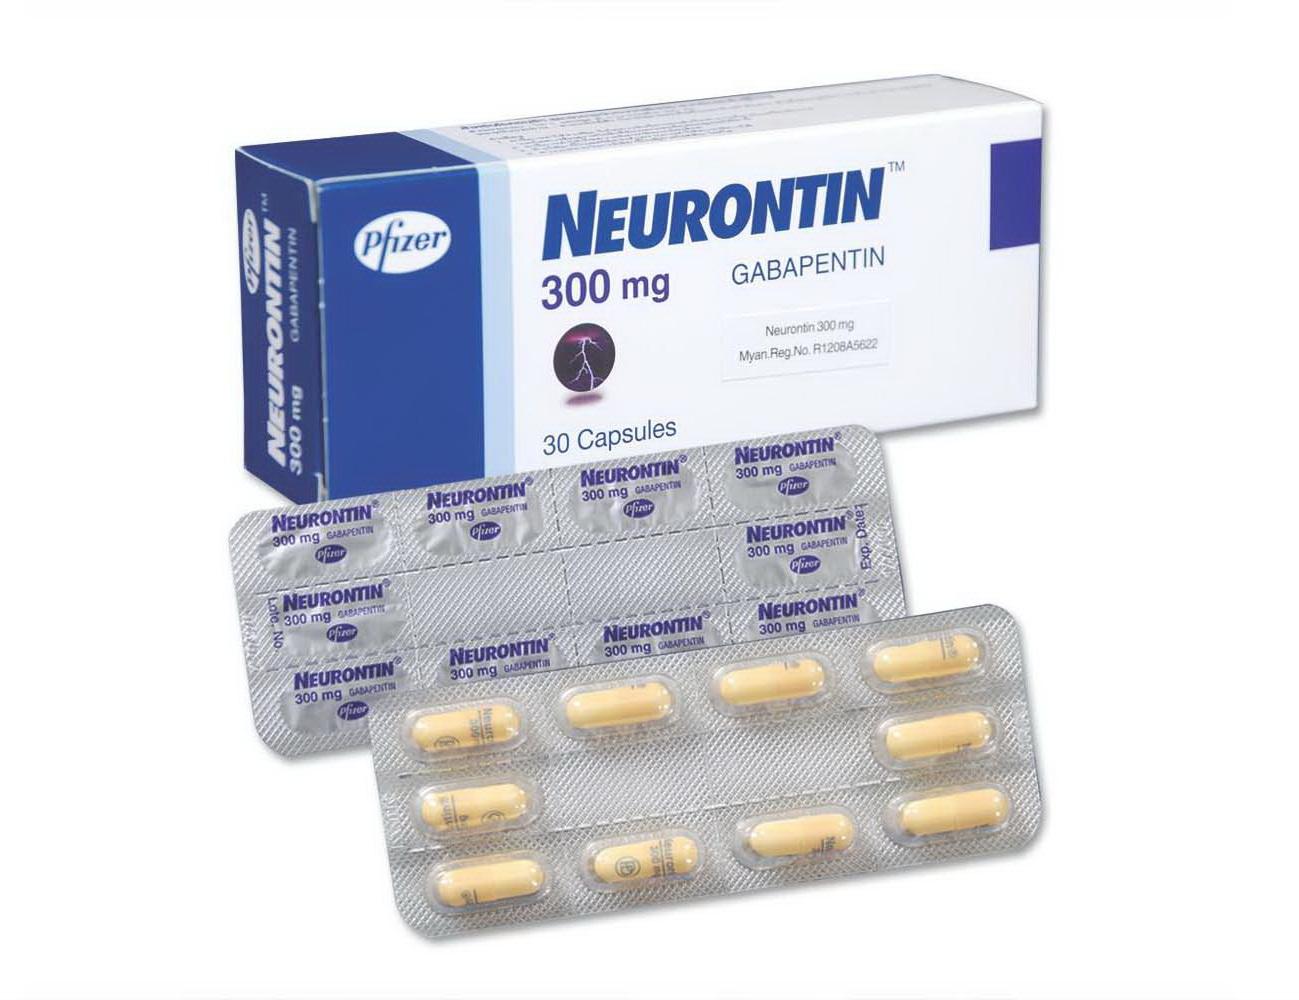 کپسول و قرص گاباپنتین (Gabapentin) - موارد مصرف و عوارض گاباپنتین